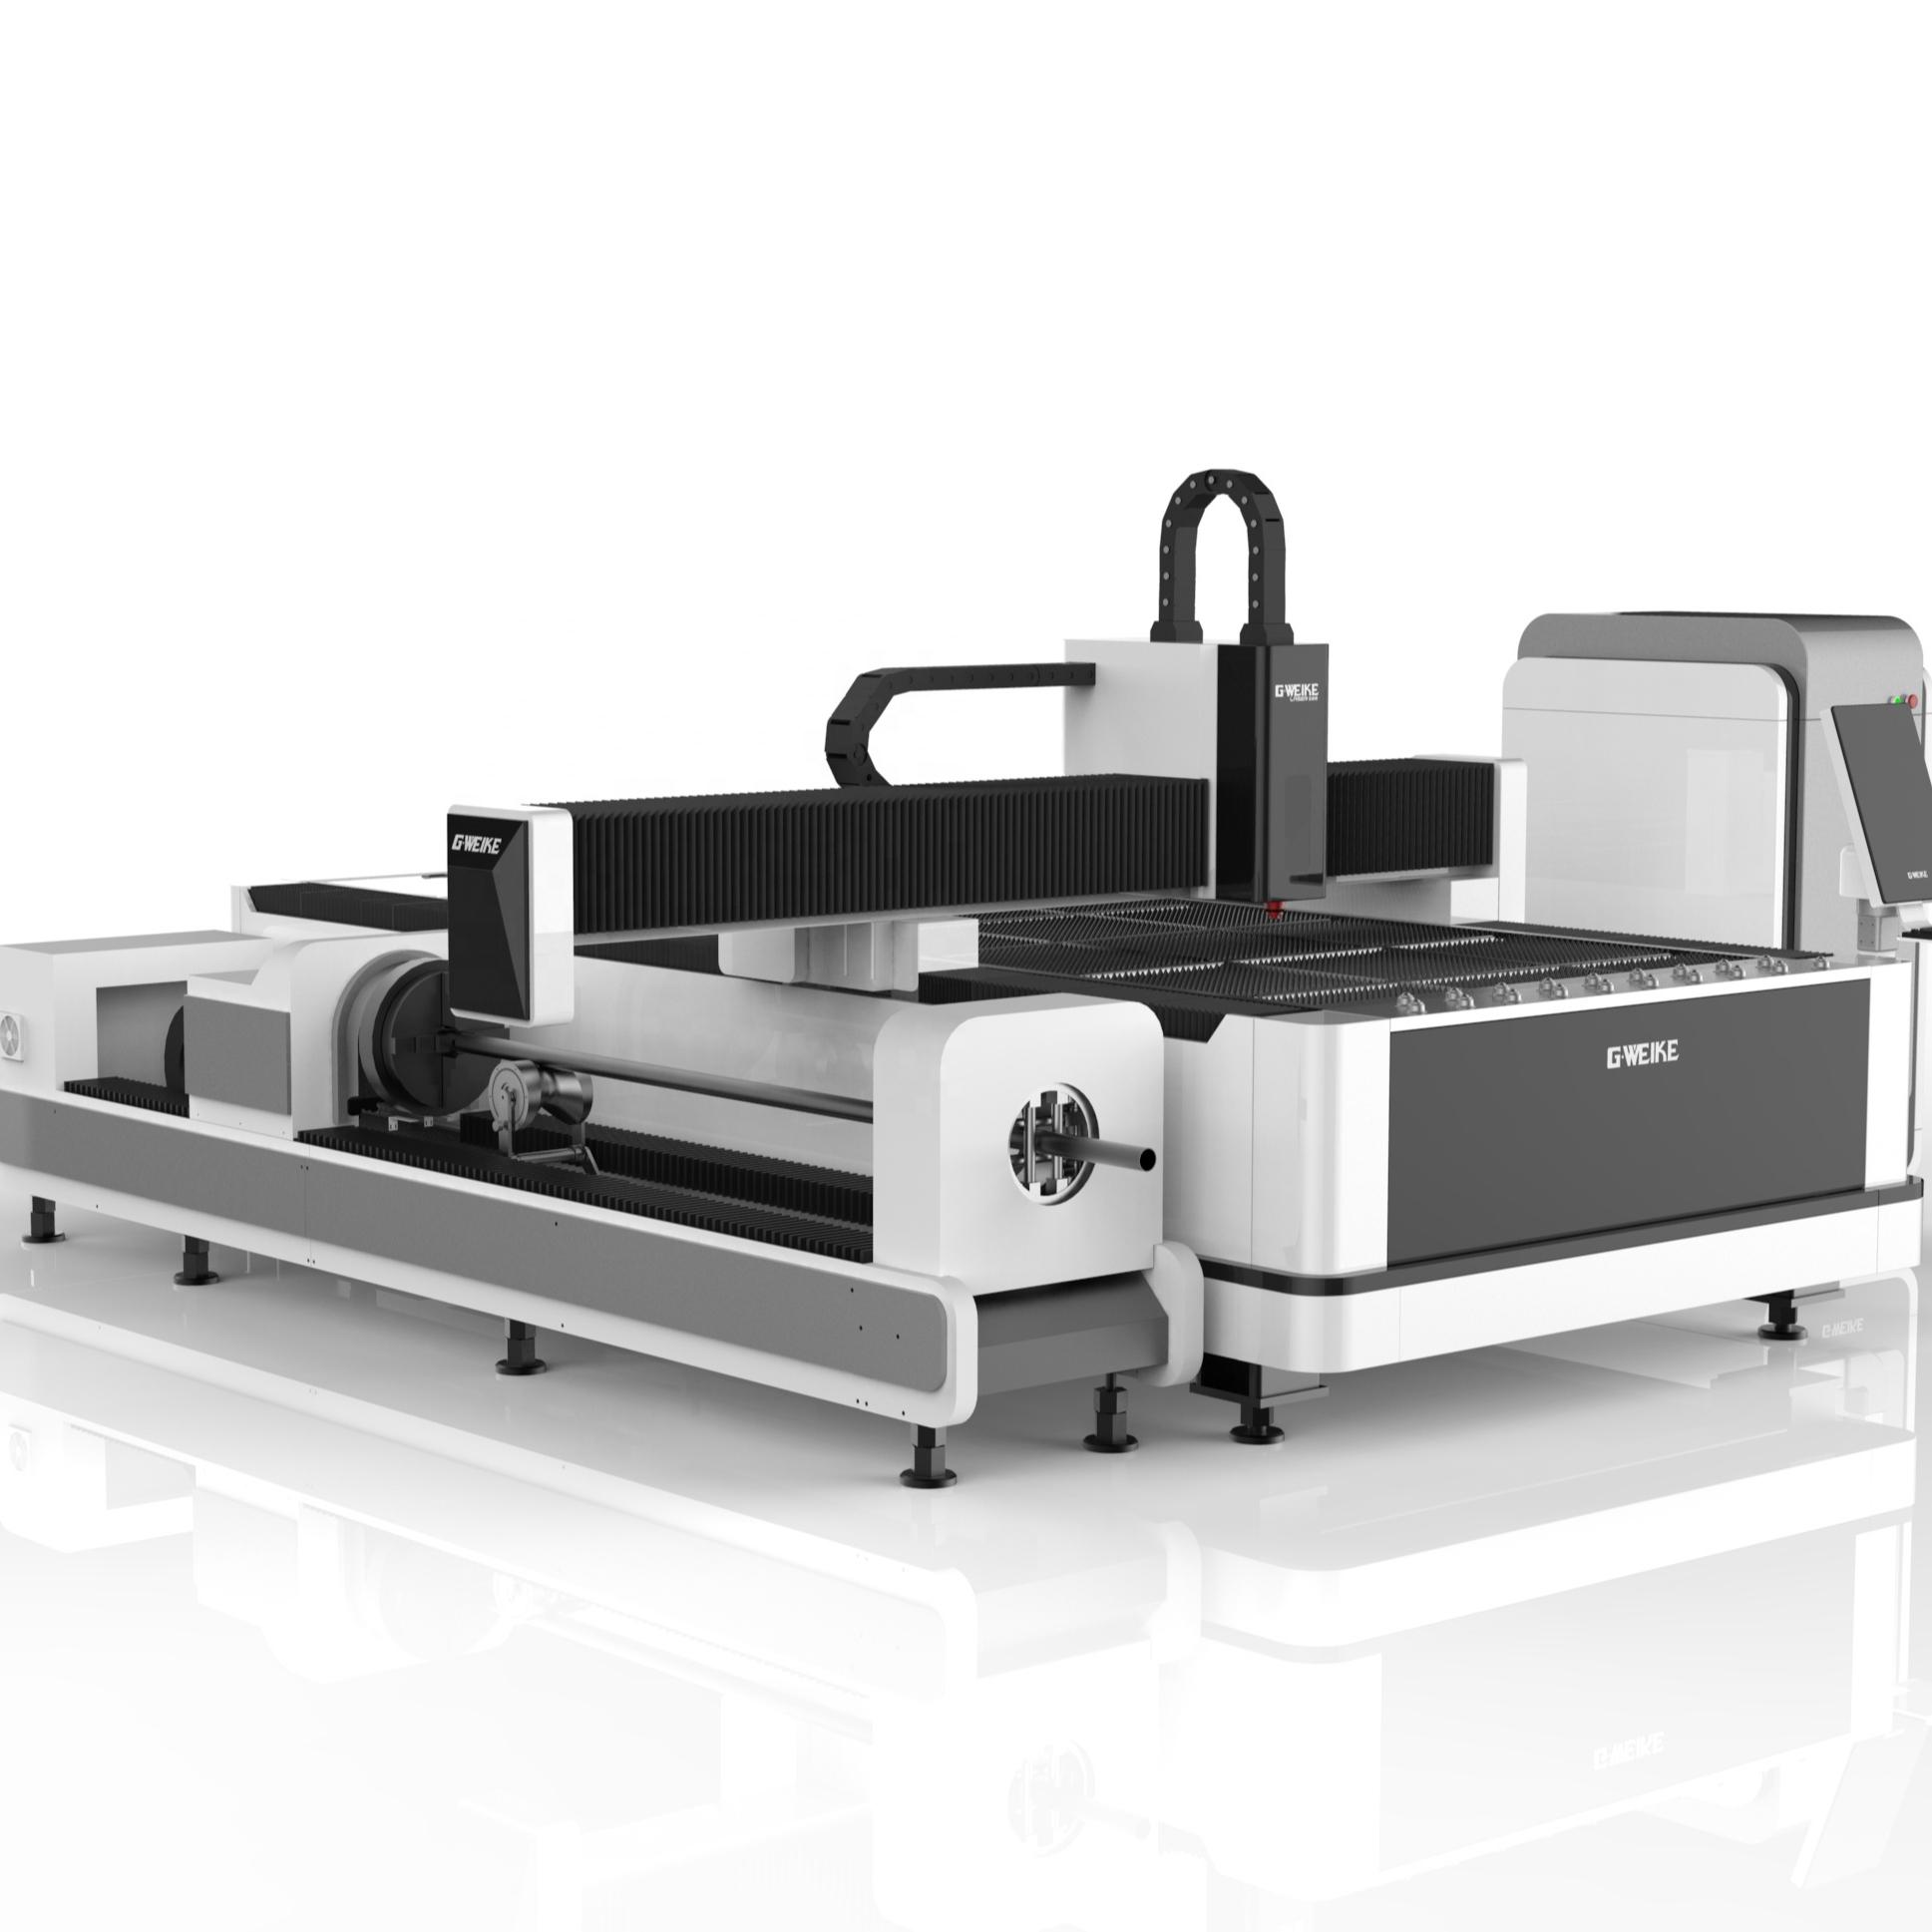 Yüksek hızlı cnc fiber lazer kesim makineleri sac metal 1000w